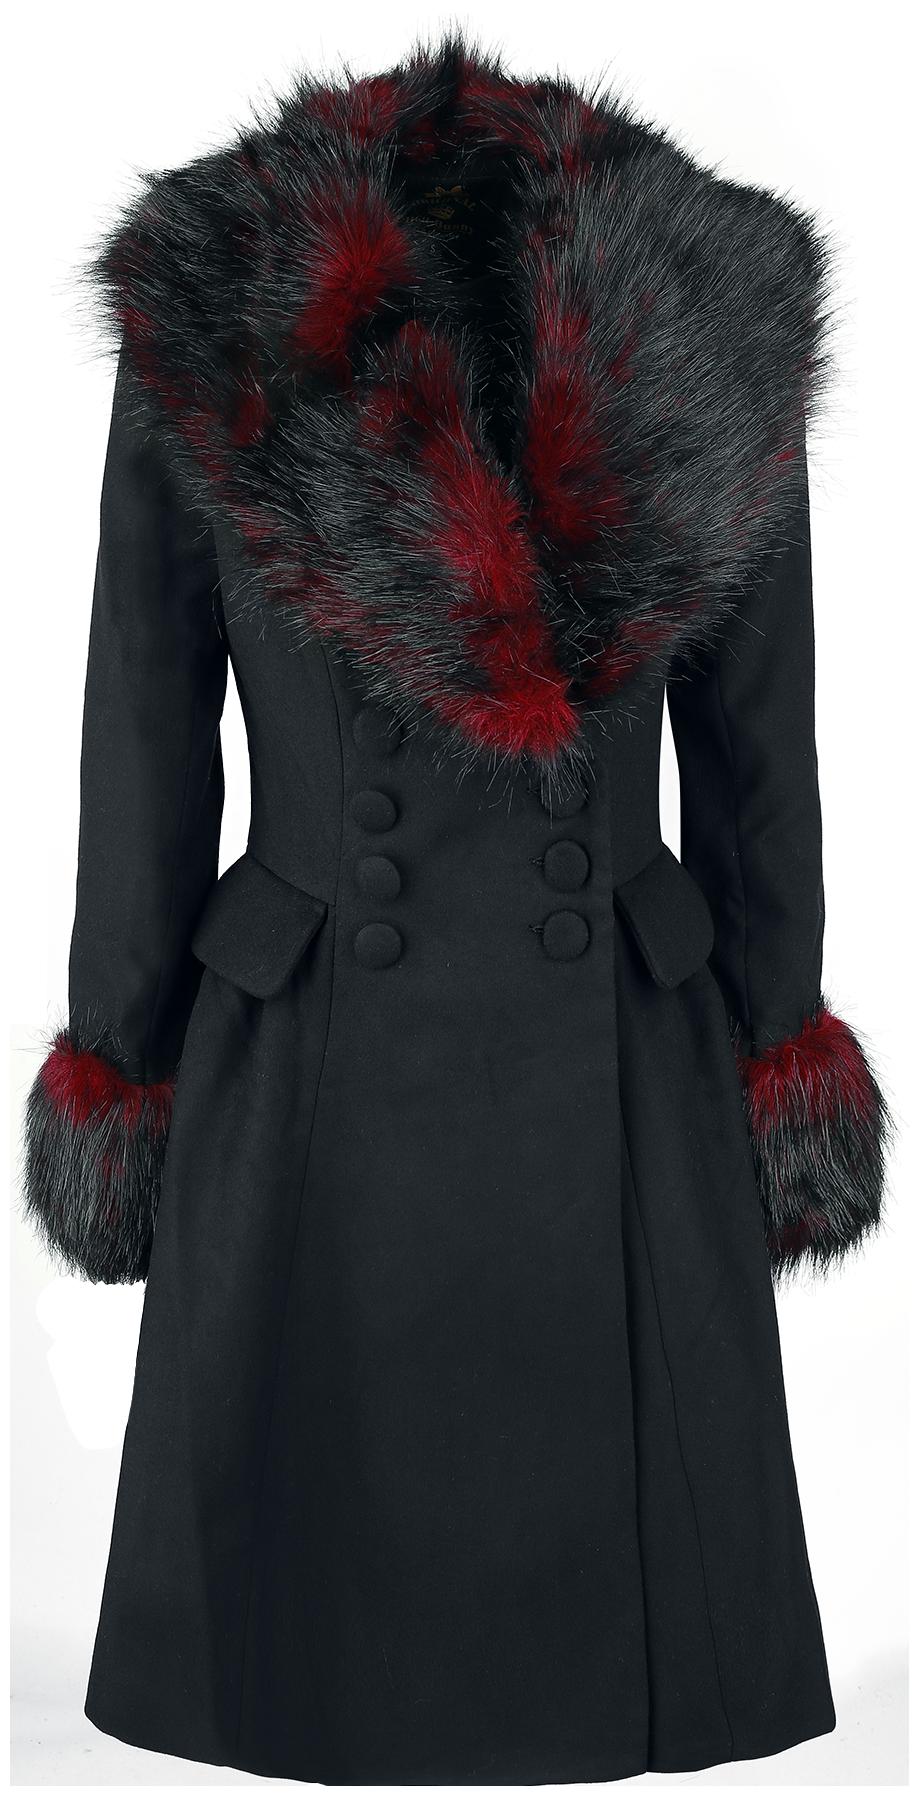 Hell Bunny Rock Noir Coat Płaszcz damski czarny